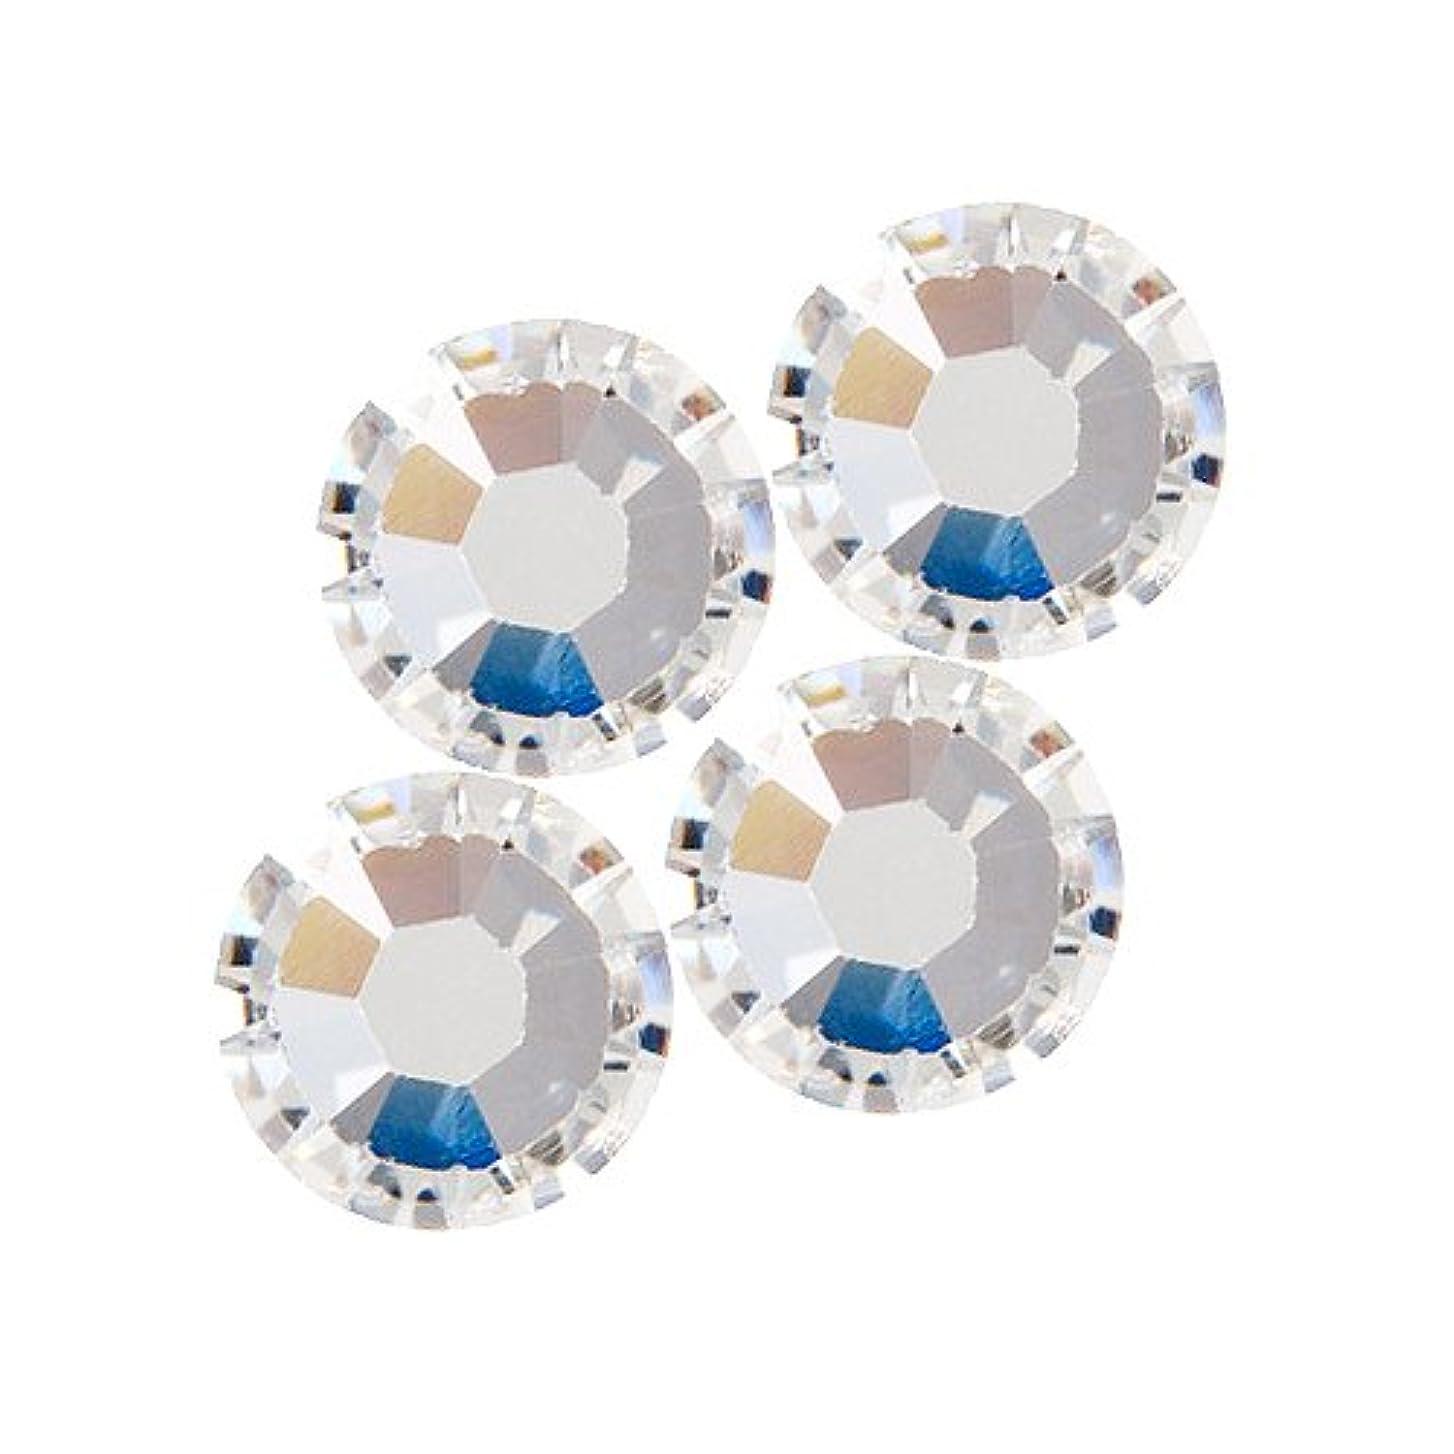 ギネス半ば形容詞バイナル DIAMOND RHINESTONE  クリスタル SS10 1440粒 ST-SS10-CRY-10G